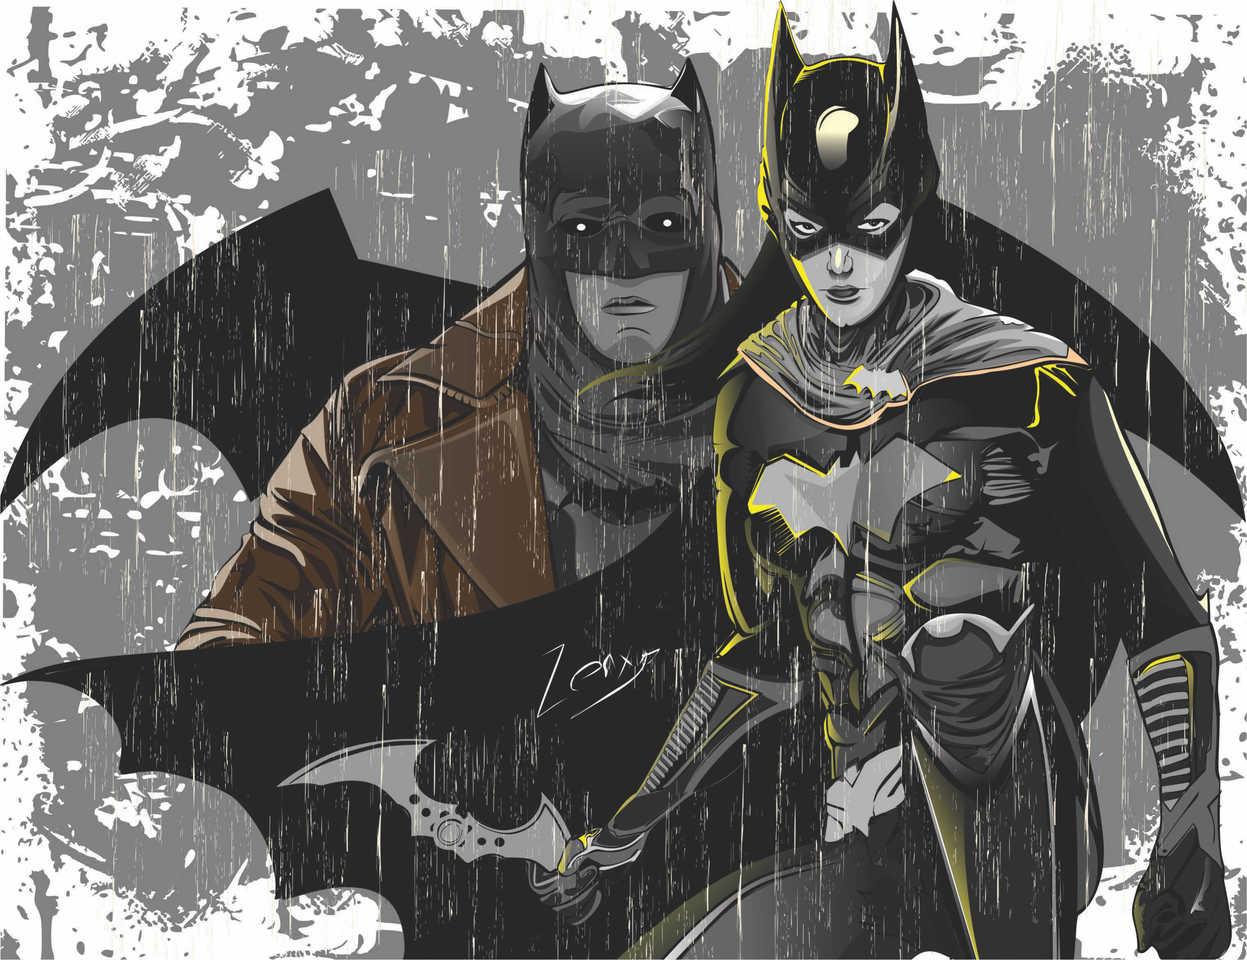 Bat Girl Story